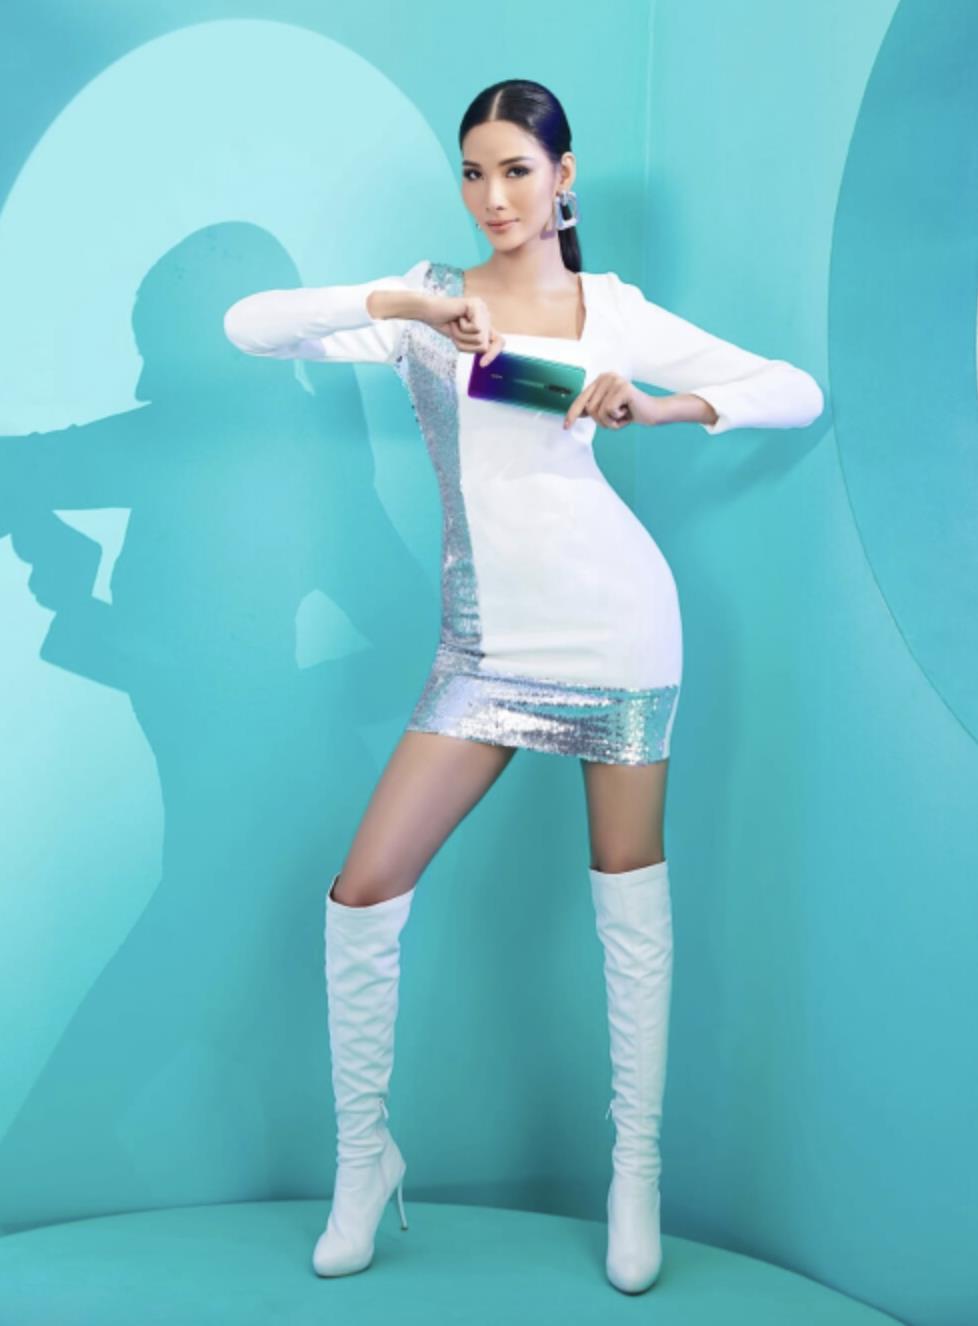 Săm soi chiếc điện thoại song hành cùng Hương Giang và Hoàng Thùy trong video mới nhất - Ảnh 3.